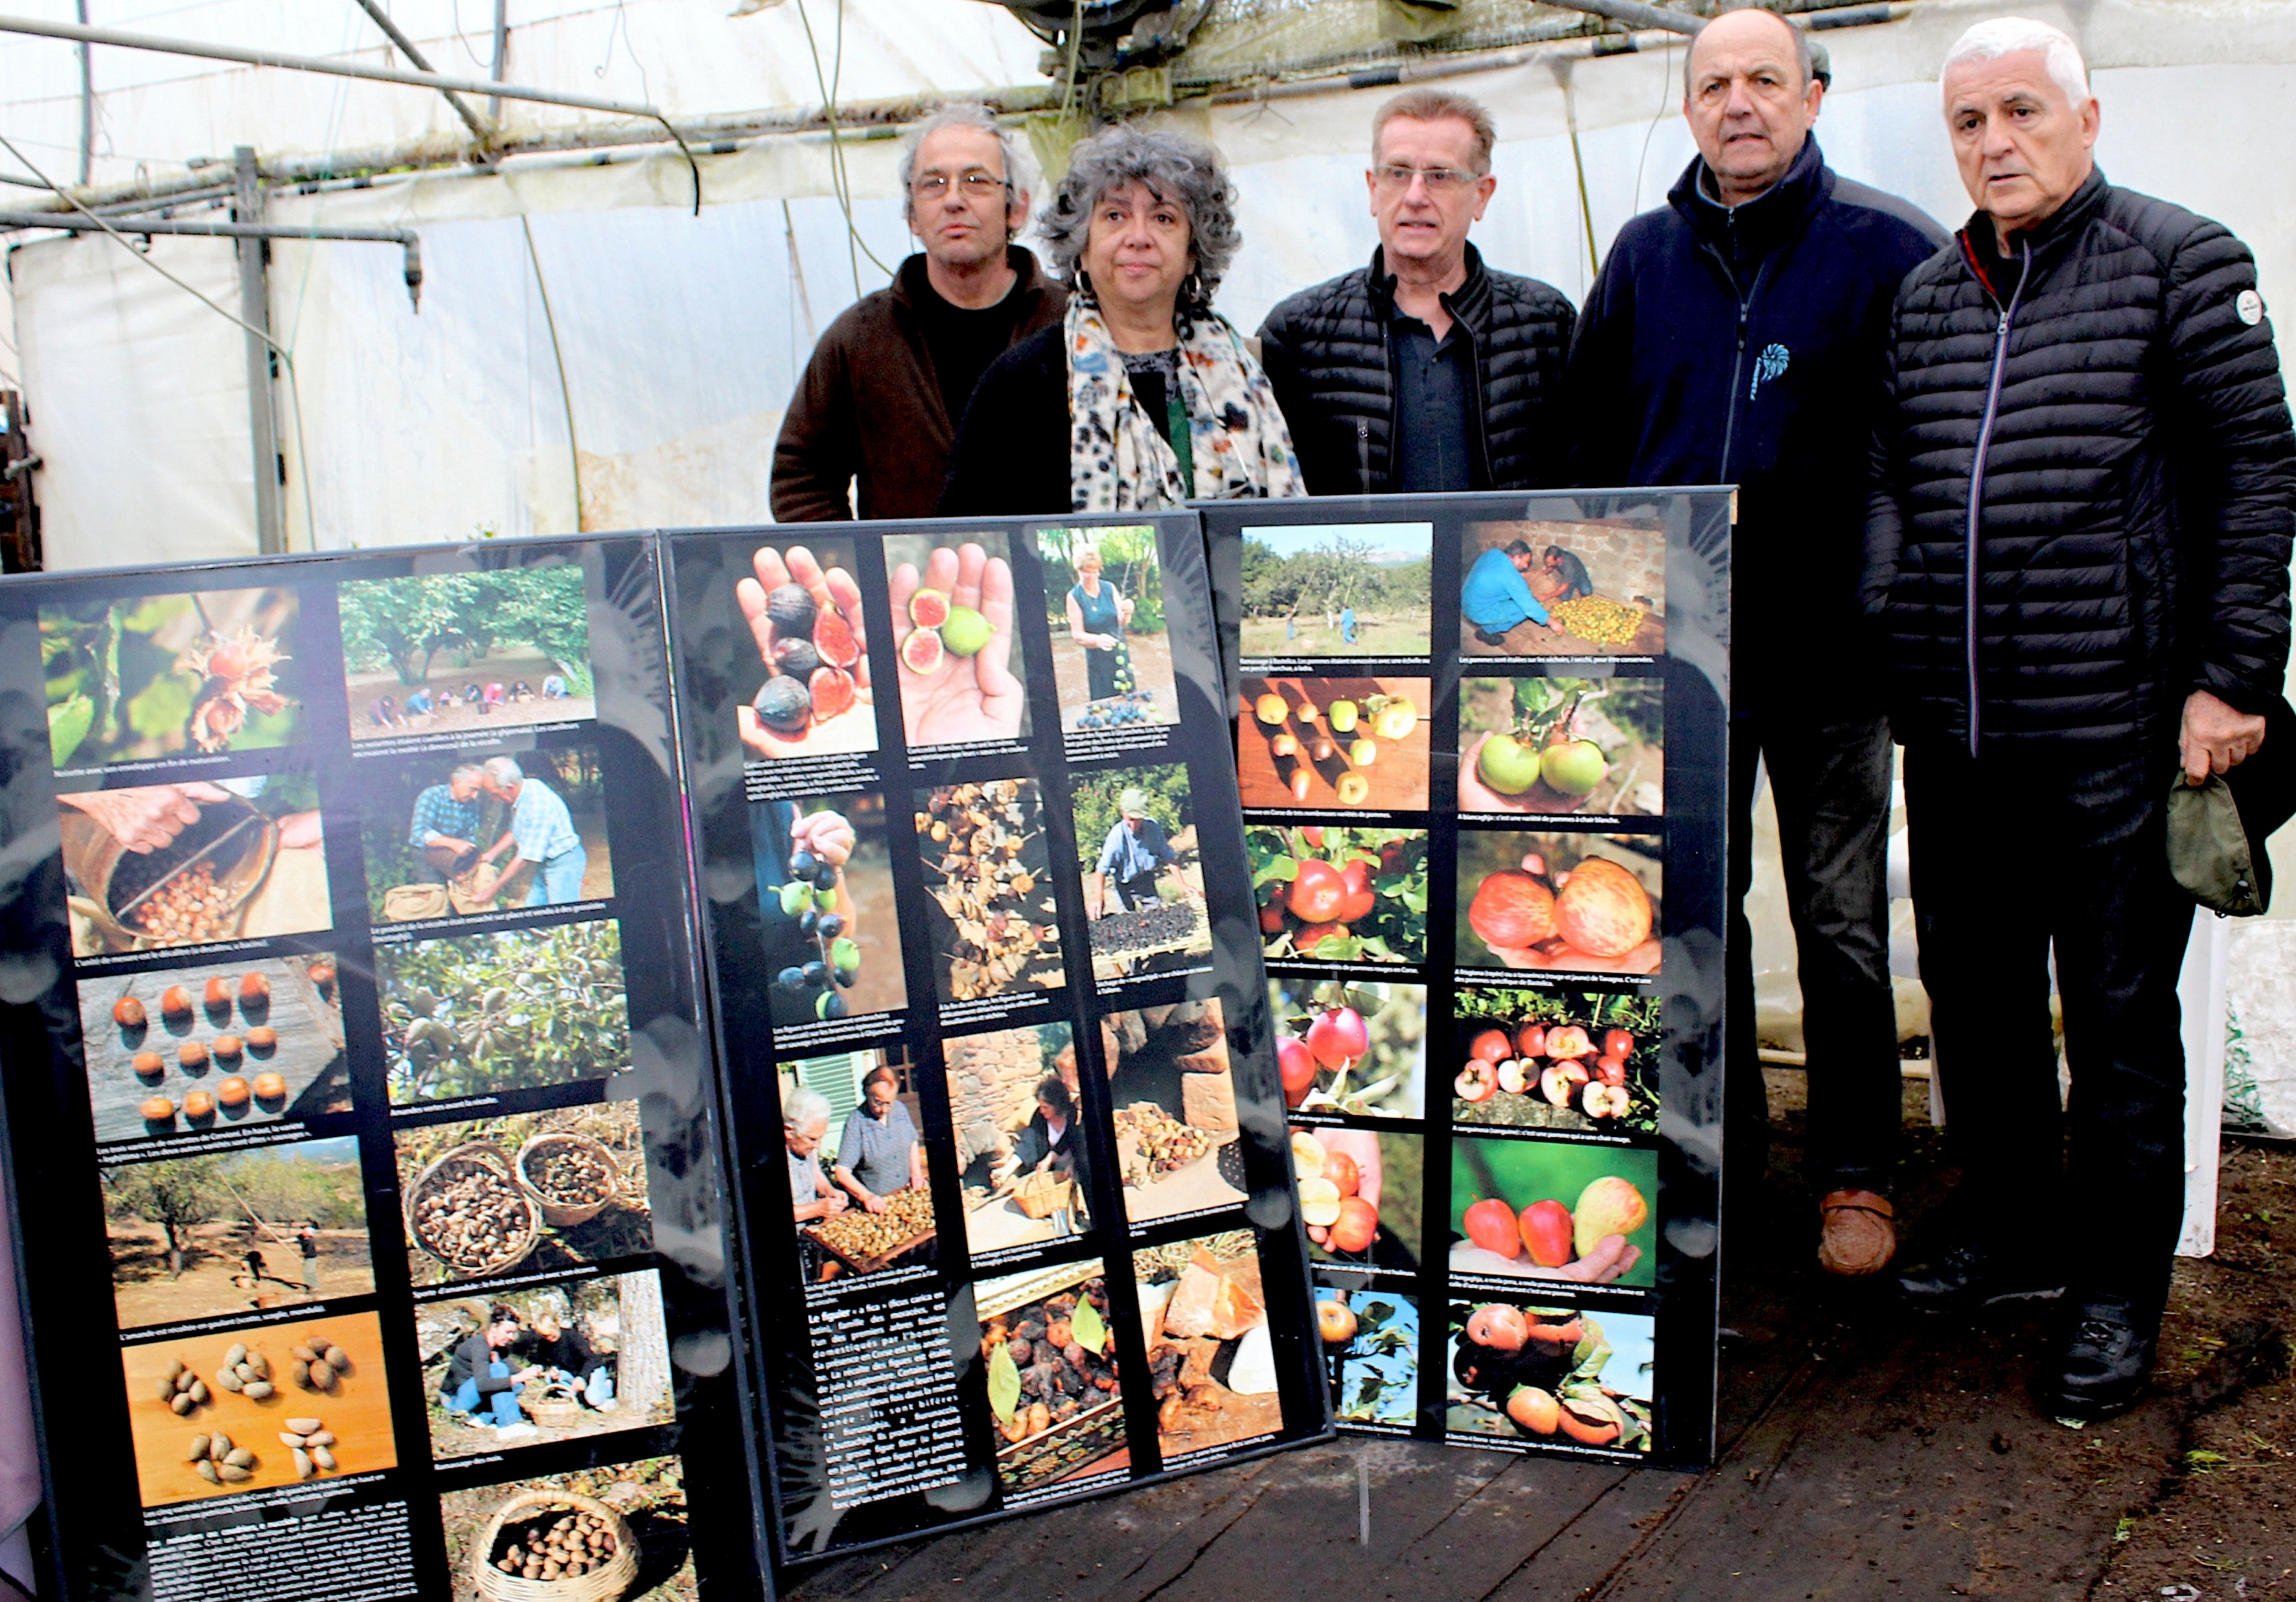 Une présentation de différents fruits sur des panneaux explicatifs avec Ruth Stegassy et Jean-Pierre Bolognini